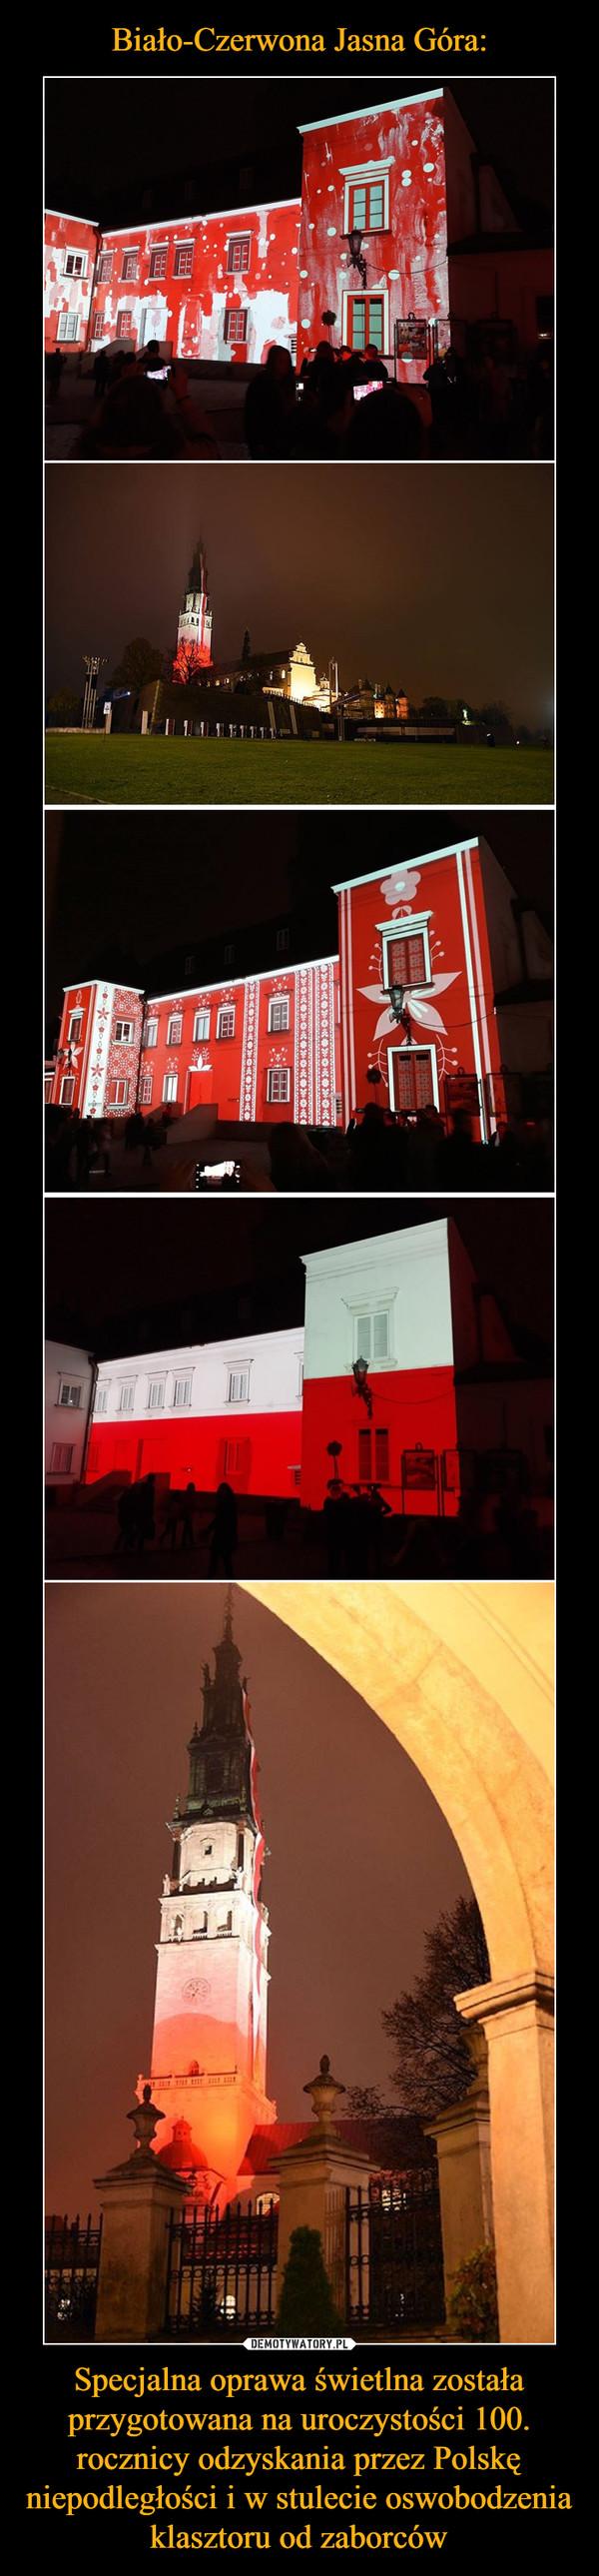 Specjalna oprawa świetlna została przygotowana na uroczystości 100. rocznicy odzyskania przez Polskę niepodległości i w stulecie oswobodzenia klasztoru od zaborców –